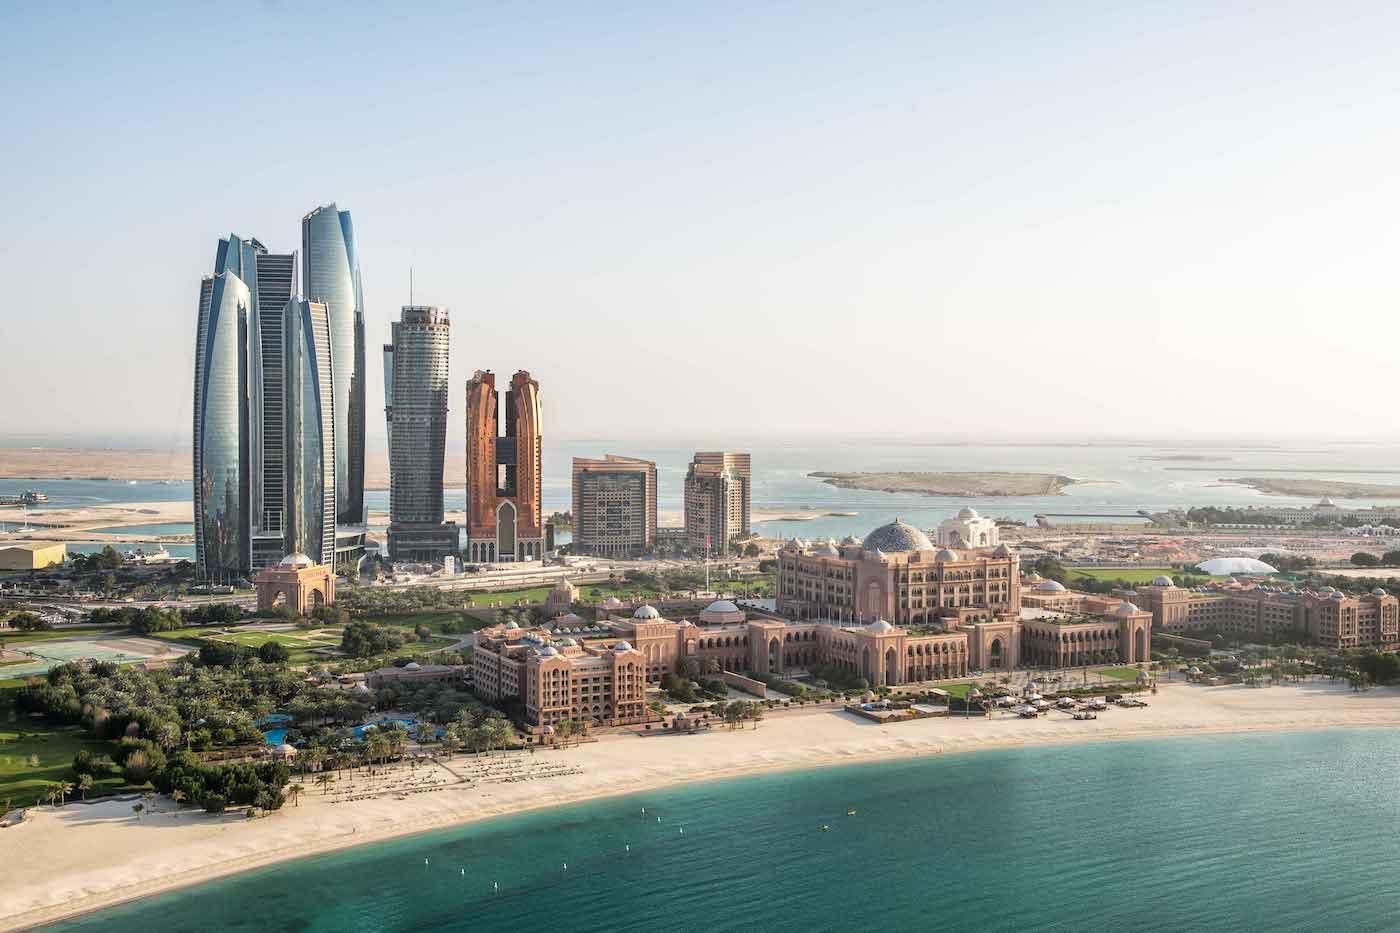 Der FalconLens Award in Abu Dhabi: Aufregender kann die Adventszeit nicht sein 4